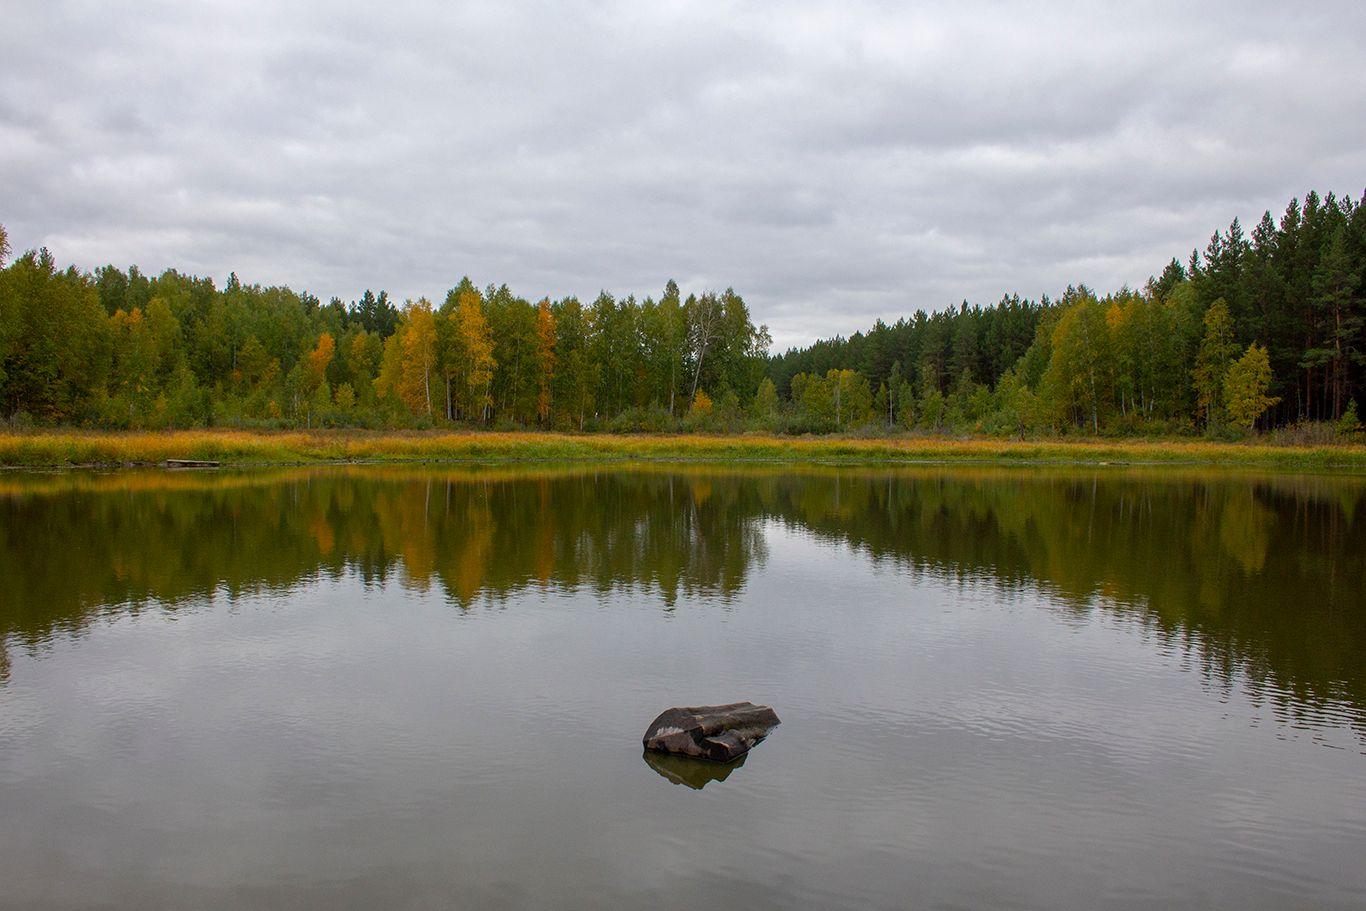 озеро Смолокурка в Курганской области